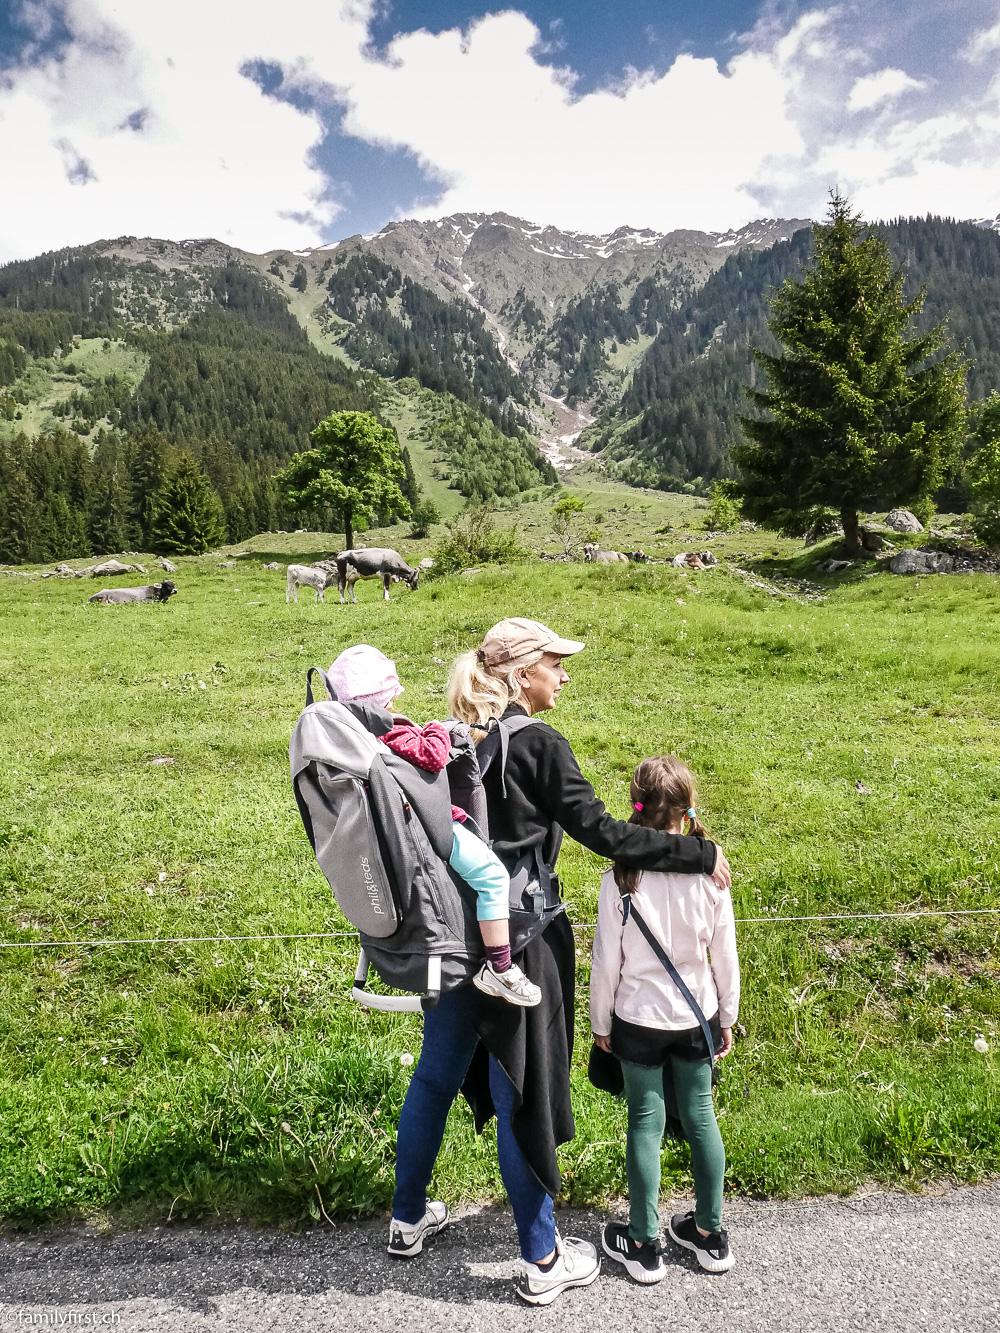 Unseren letzten Tag verbrachten wir in Klosters, einem typischen Bergdorf, authentisch und sehr charmant.